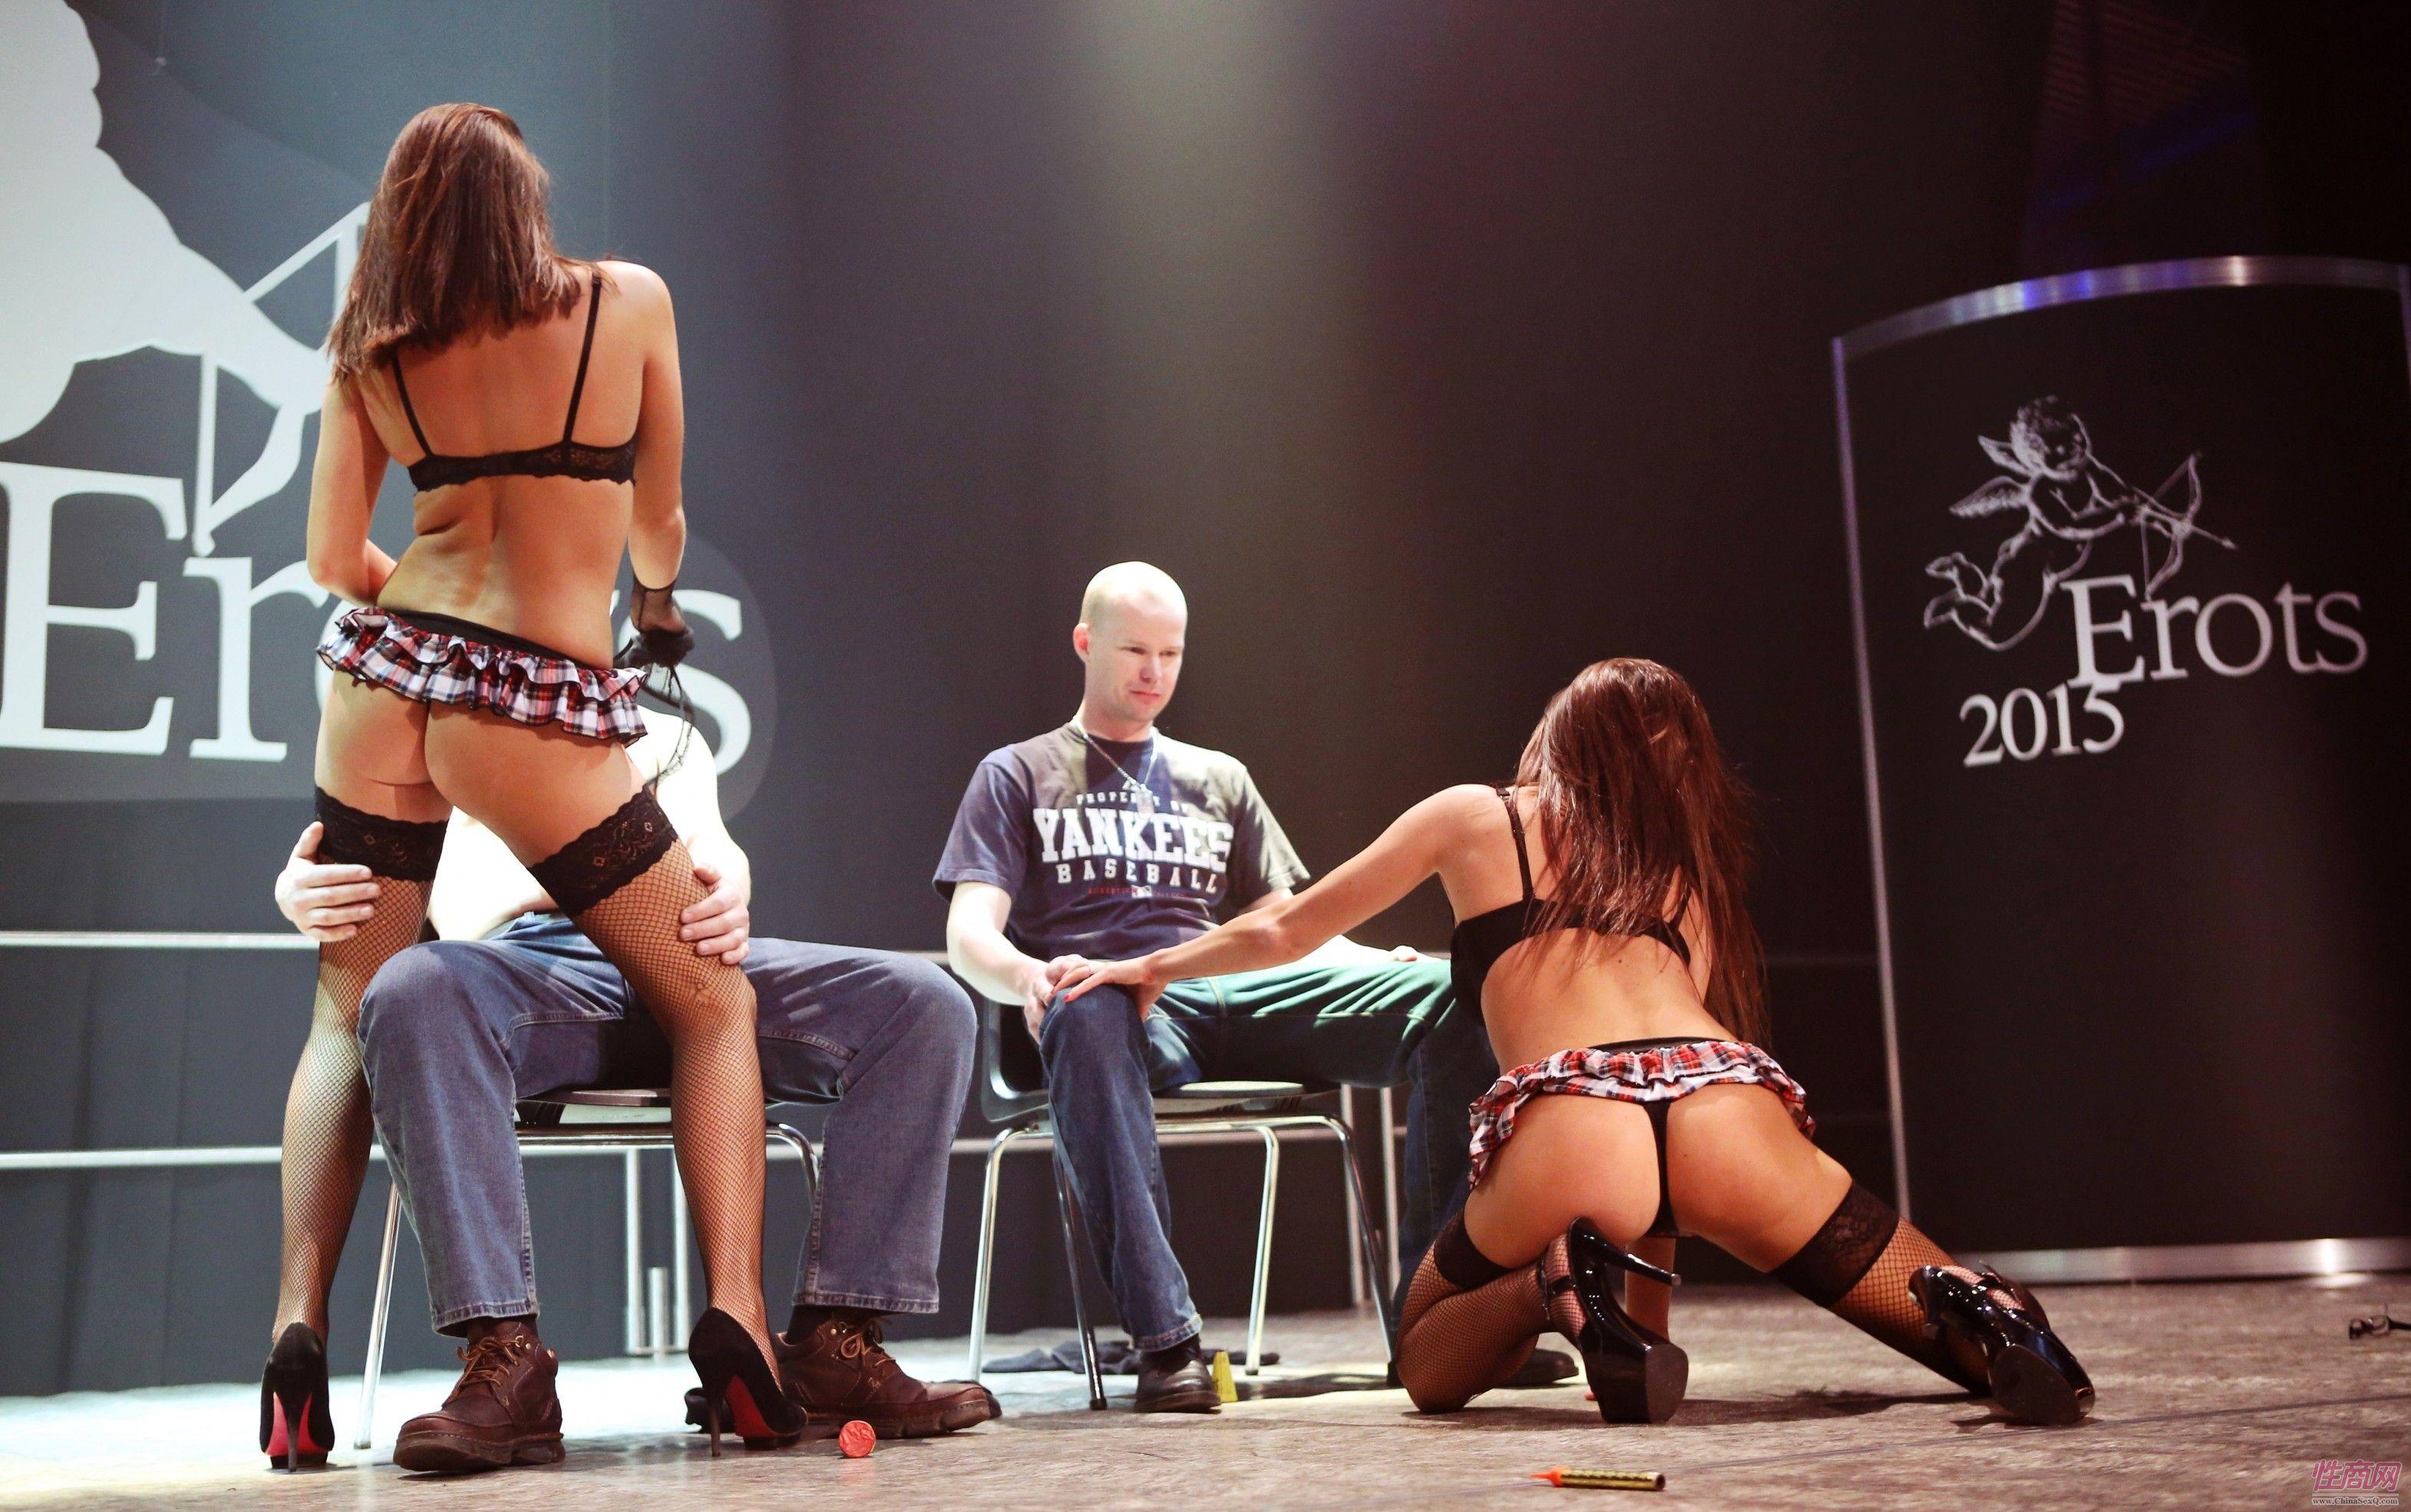 2015拉脱维亚成人展观众与美女暧昧互动图片1